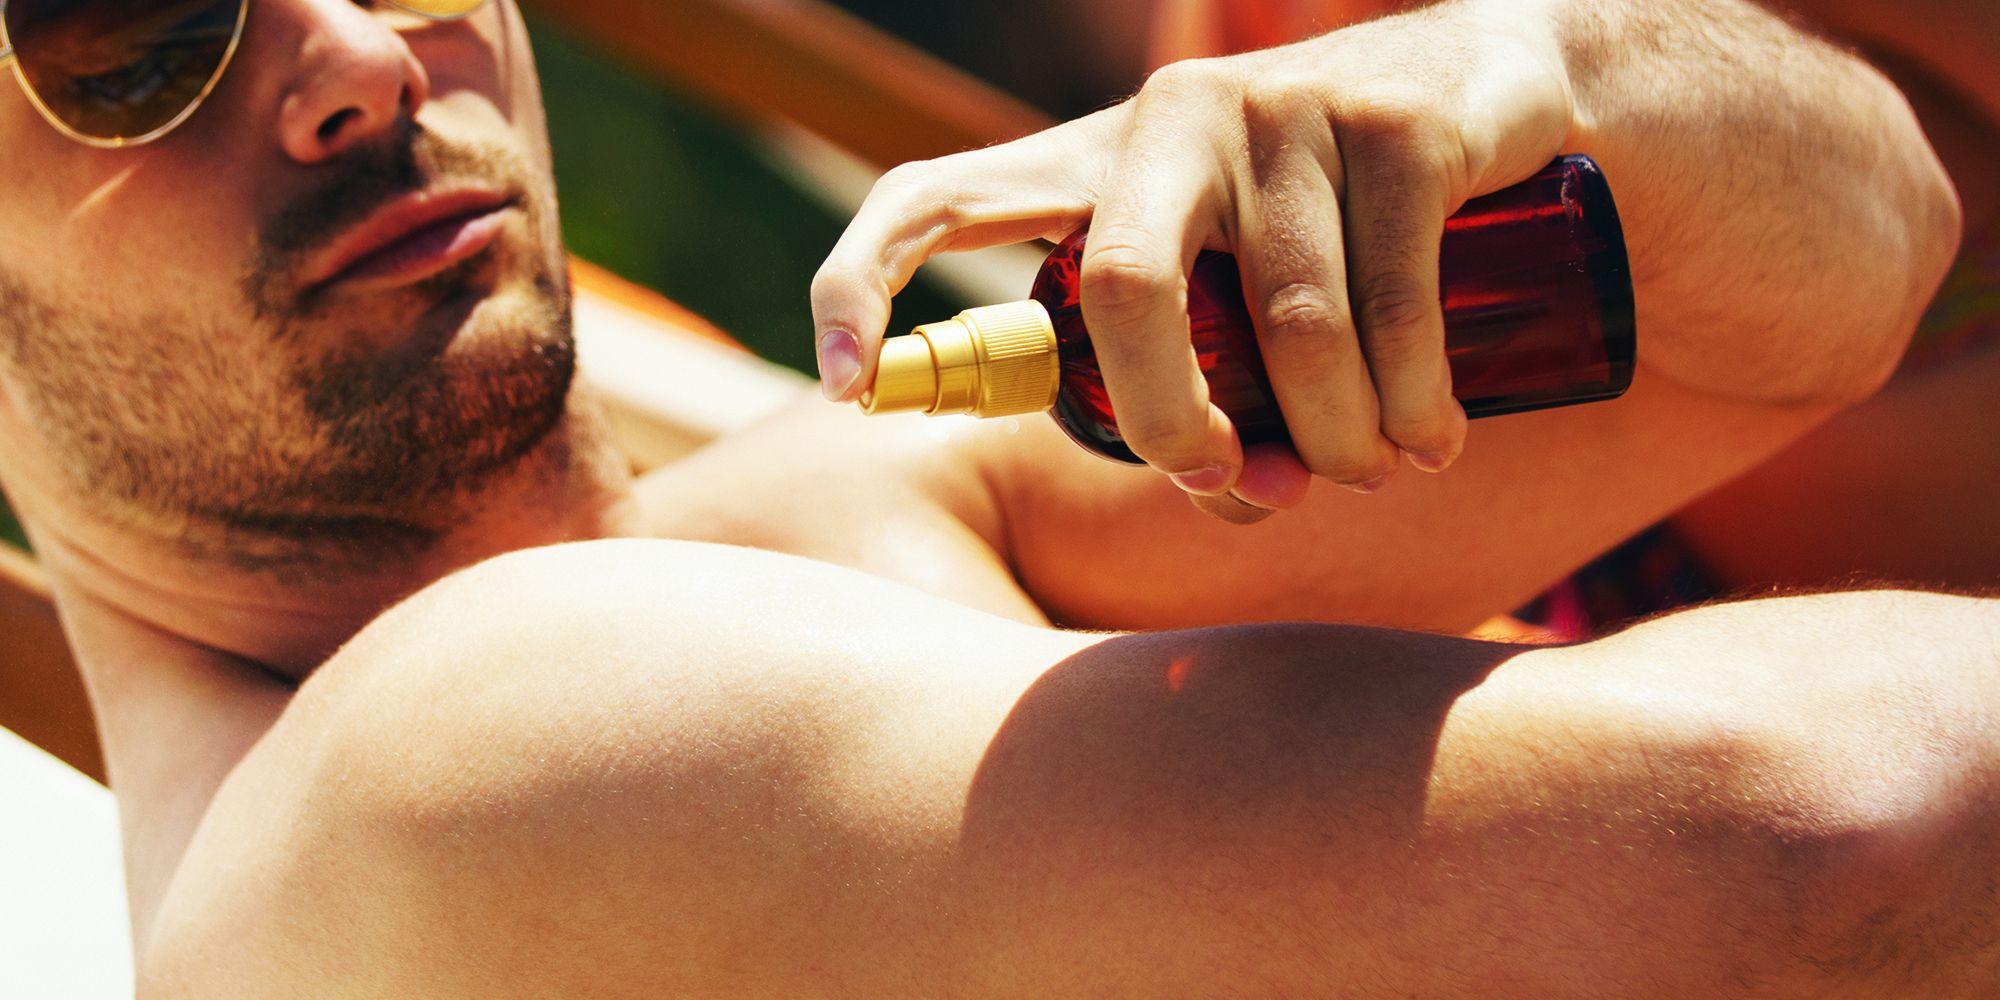 Teen sun tanning fully nude